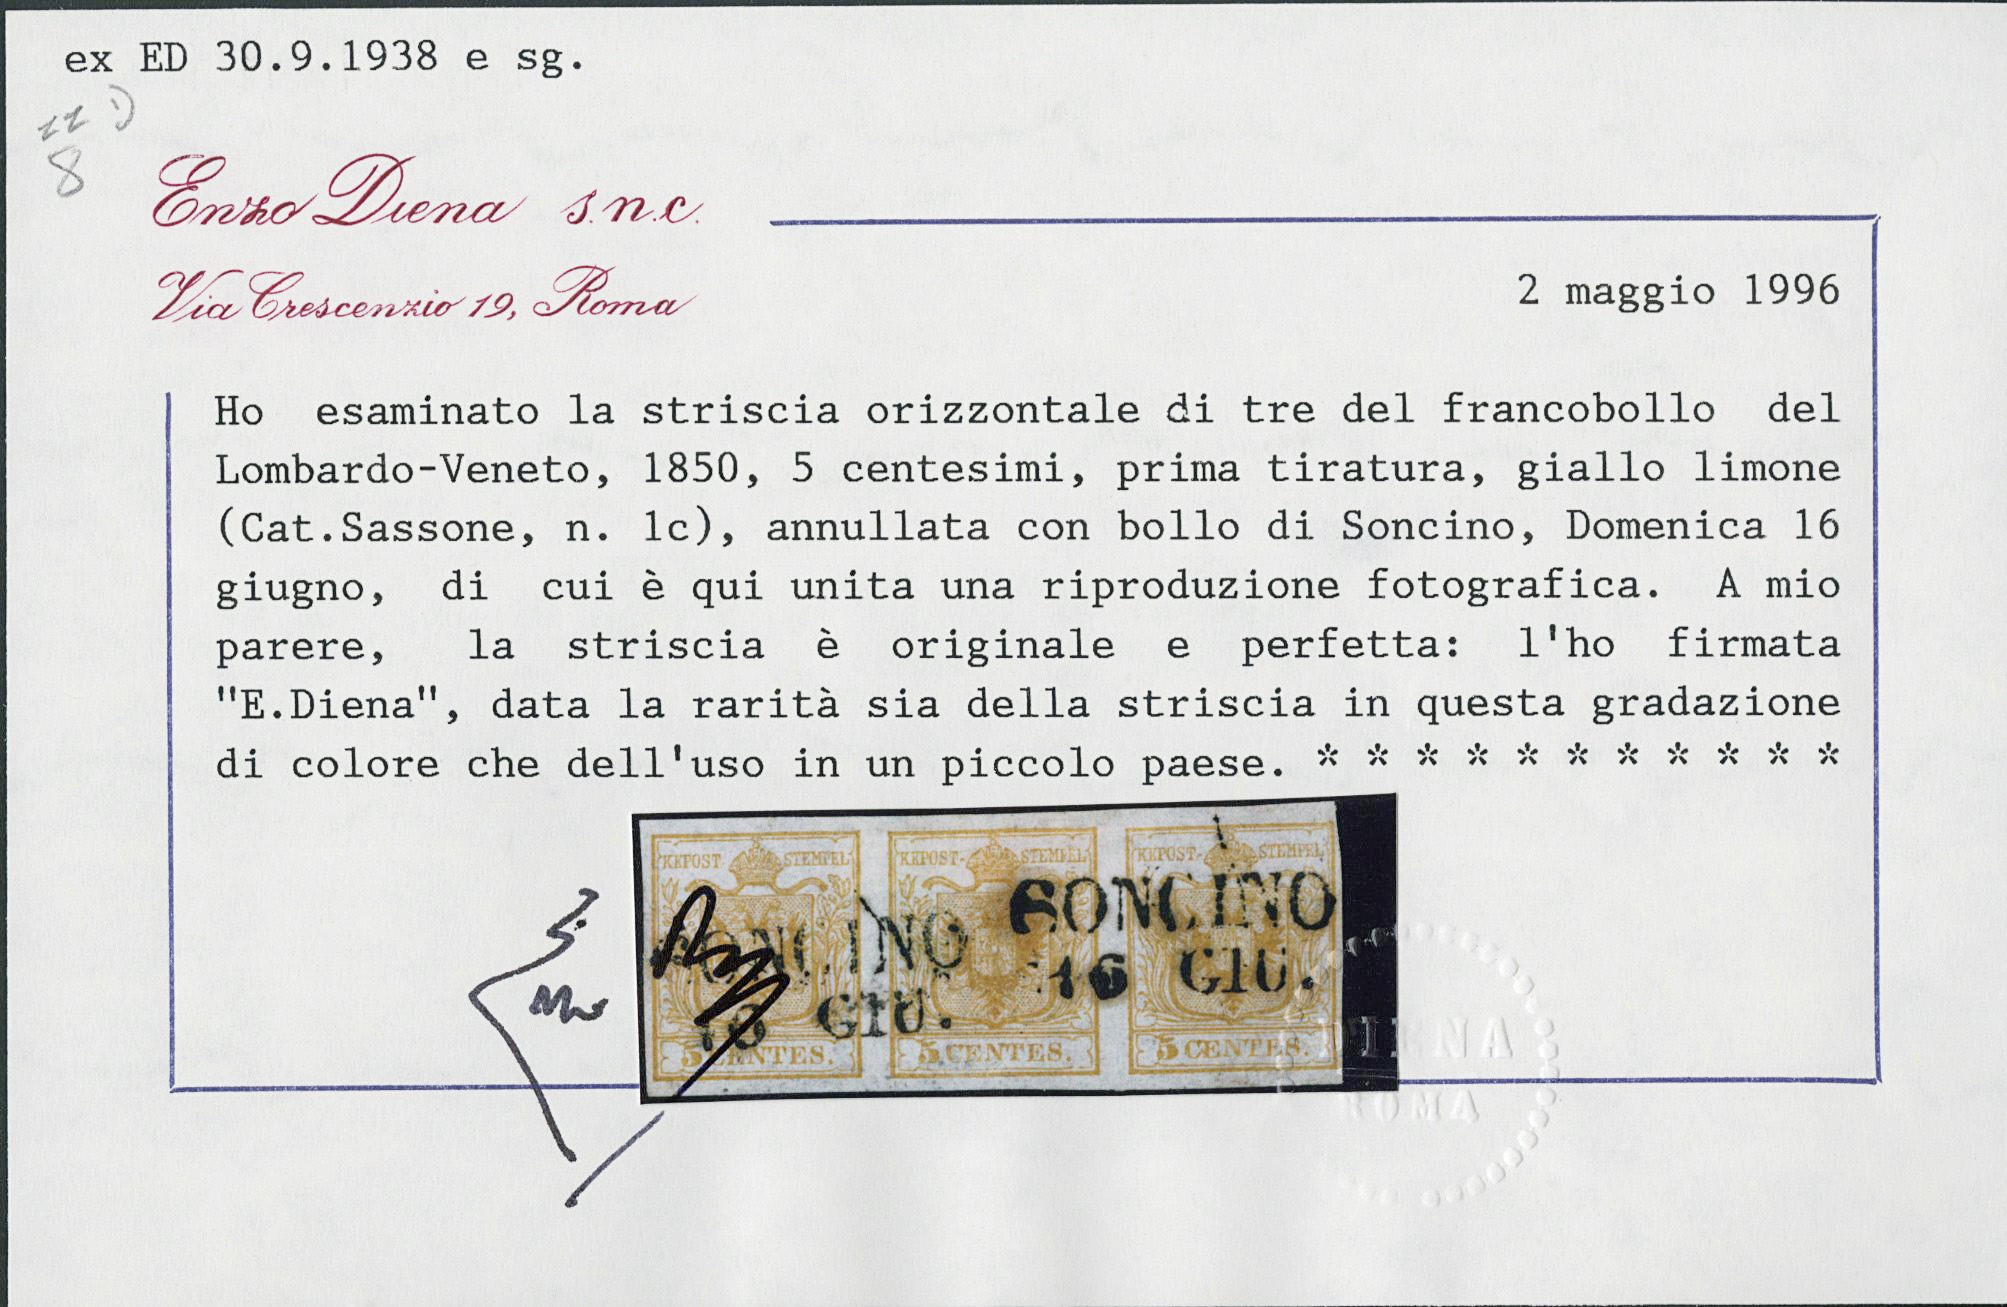 Lot 4 - lombardo veneto posta ordinaria -  Zanaria Aste s.r.l. 9th Philatelic Auction